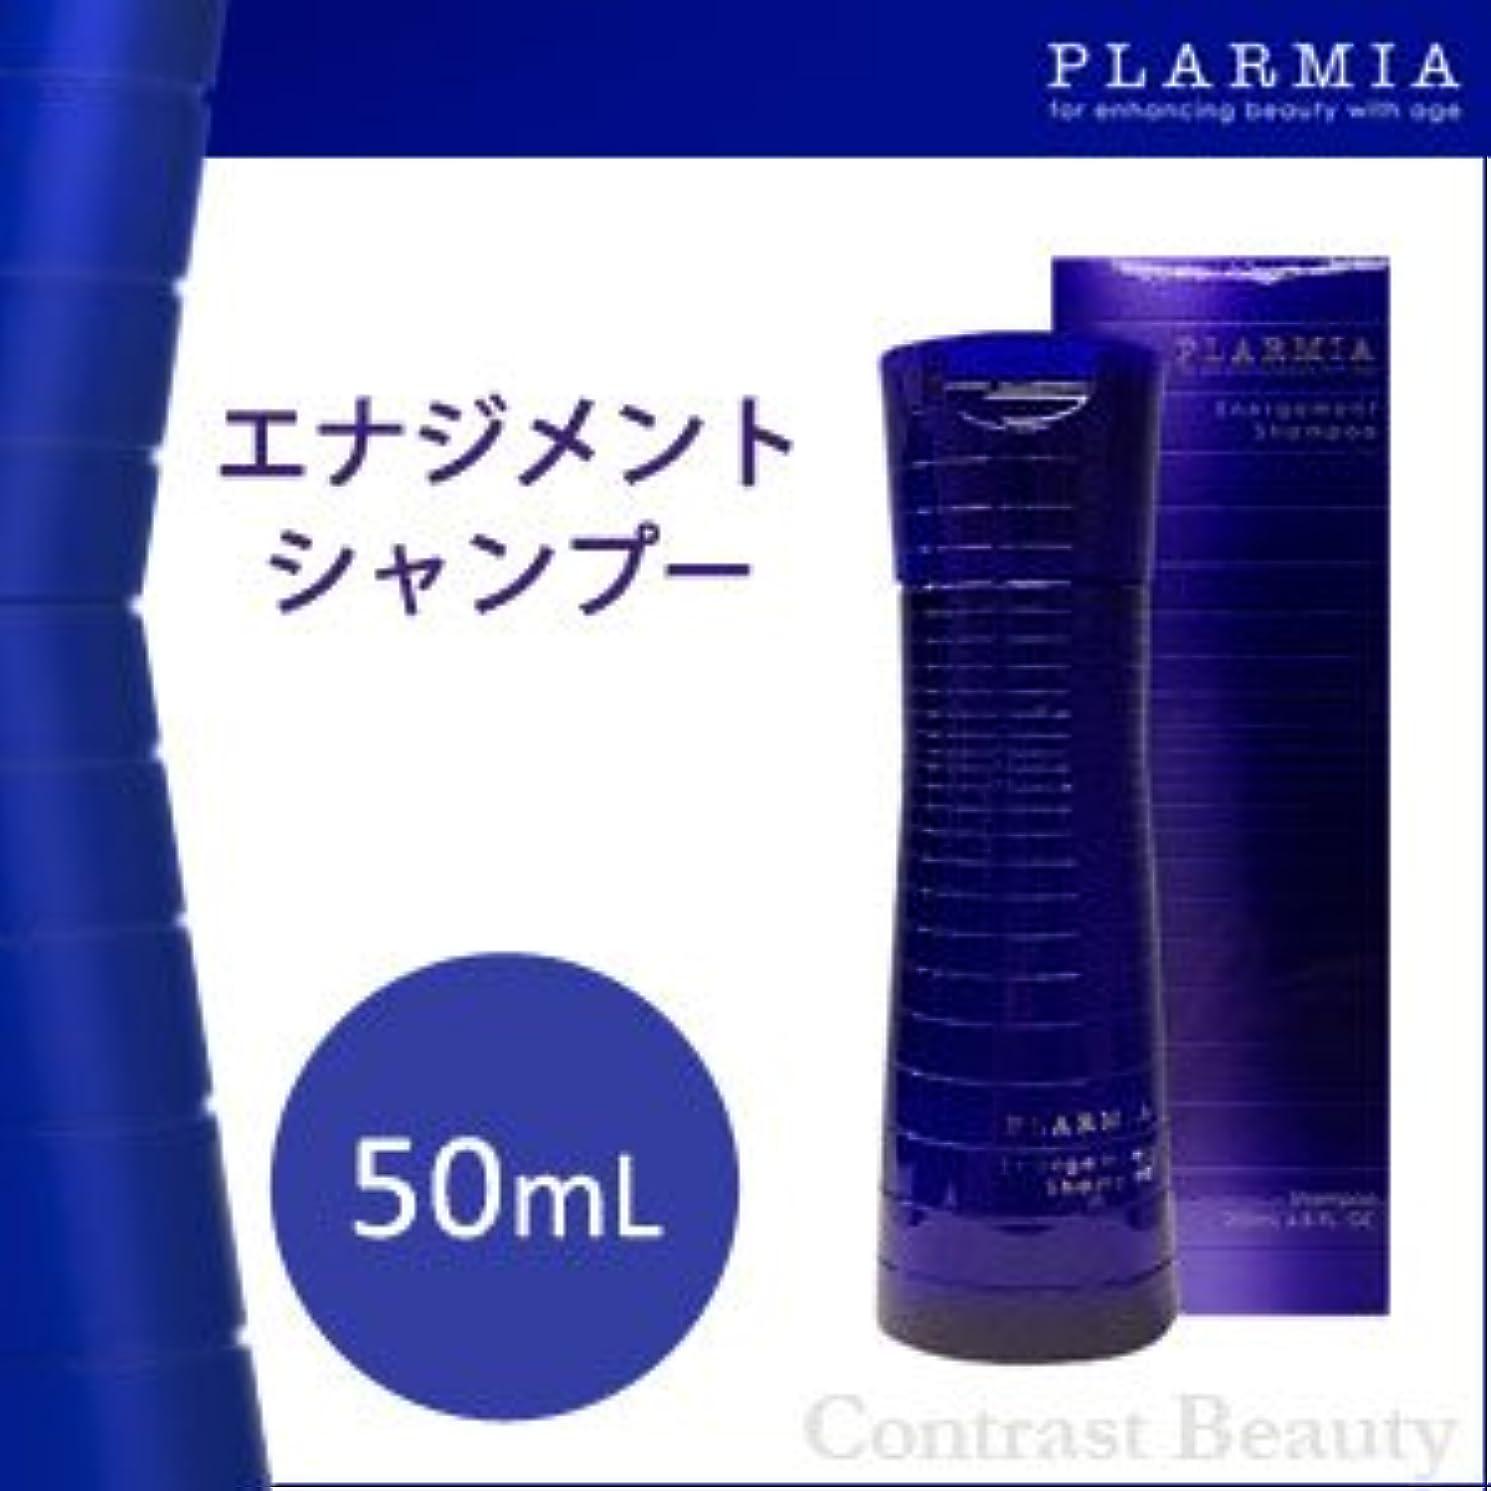 控えめな意見マイナス【x4個セット】 ミルボン プラーミア エナジメントシャンプー 50ml